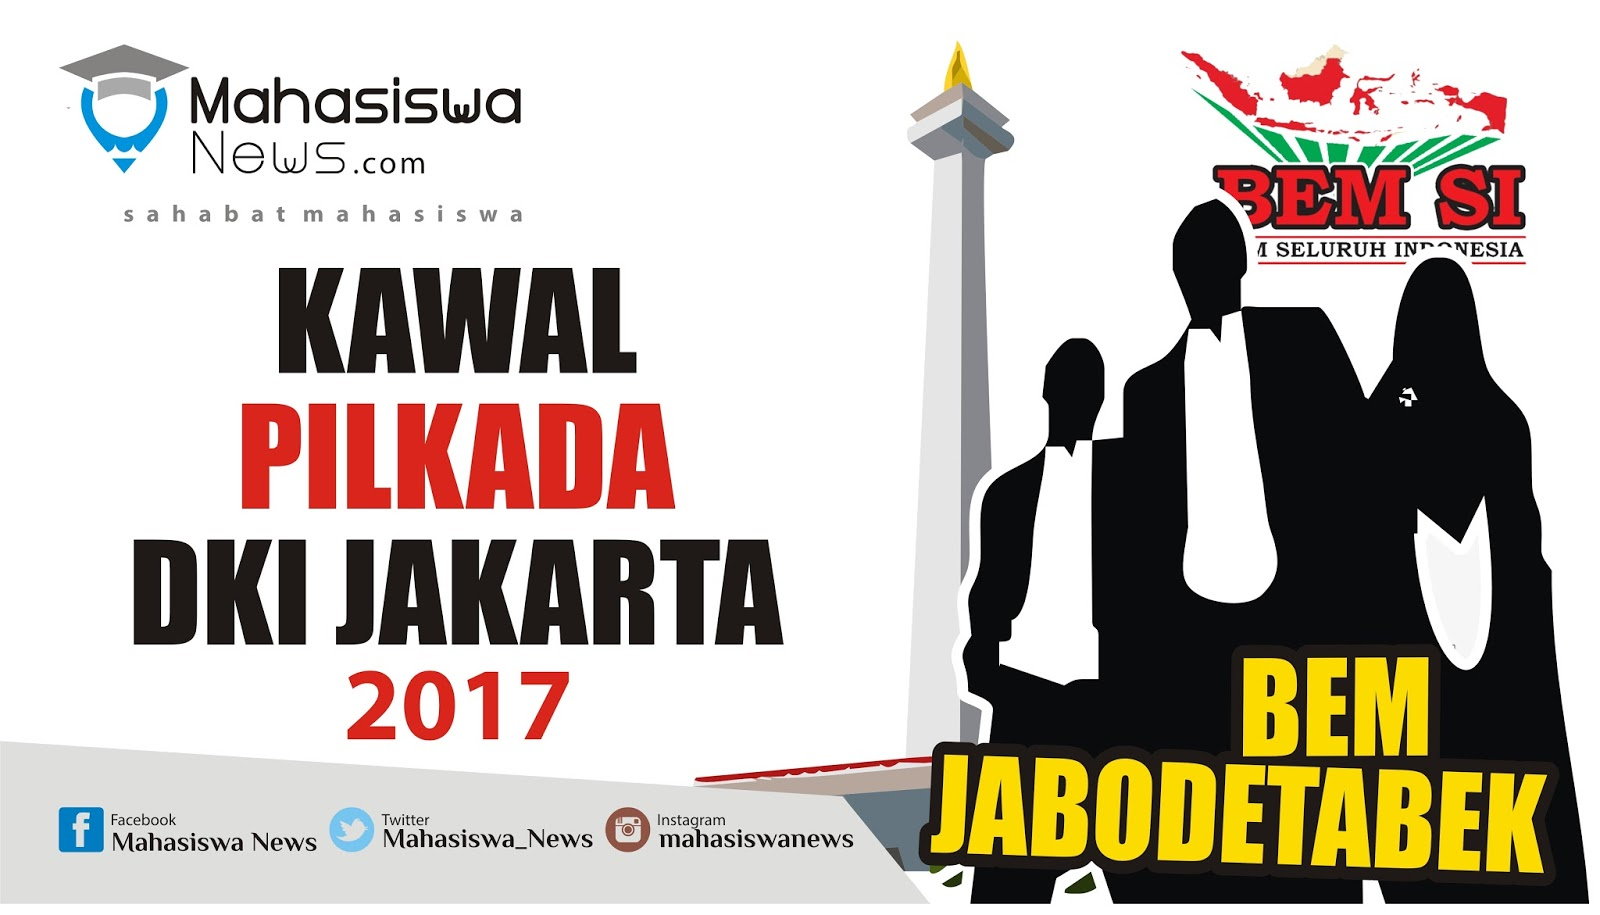 BEM Jabodetabek STOP Kecurangan PILKADA DKI Jakarta Mahasiswa